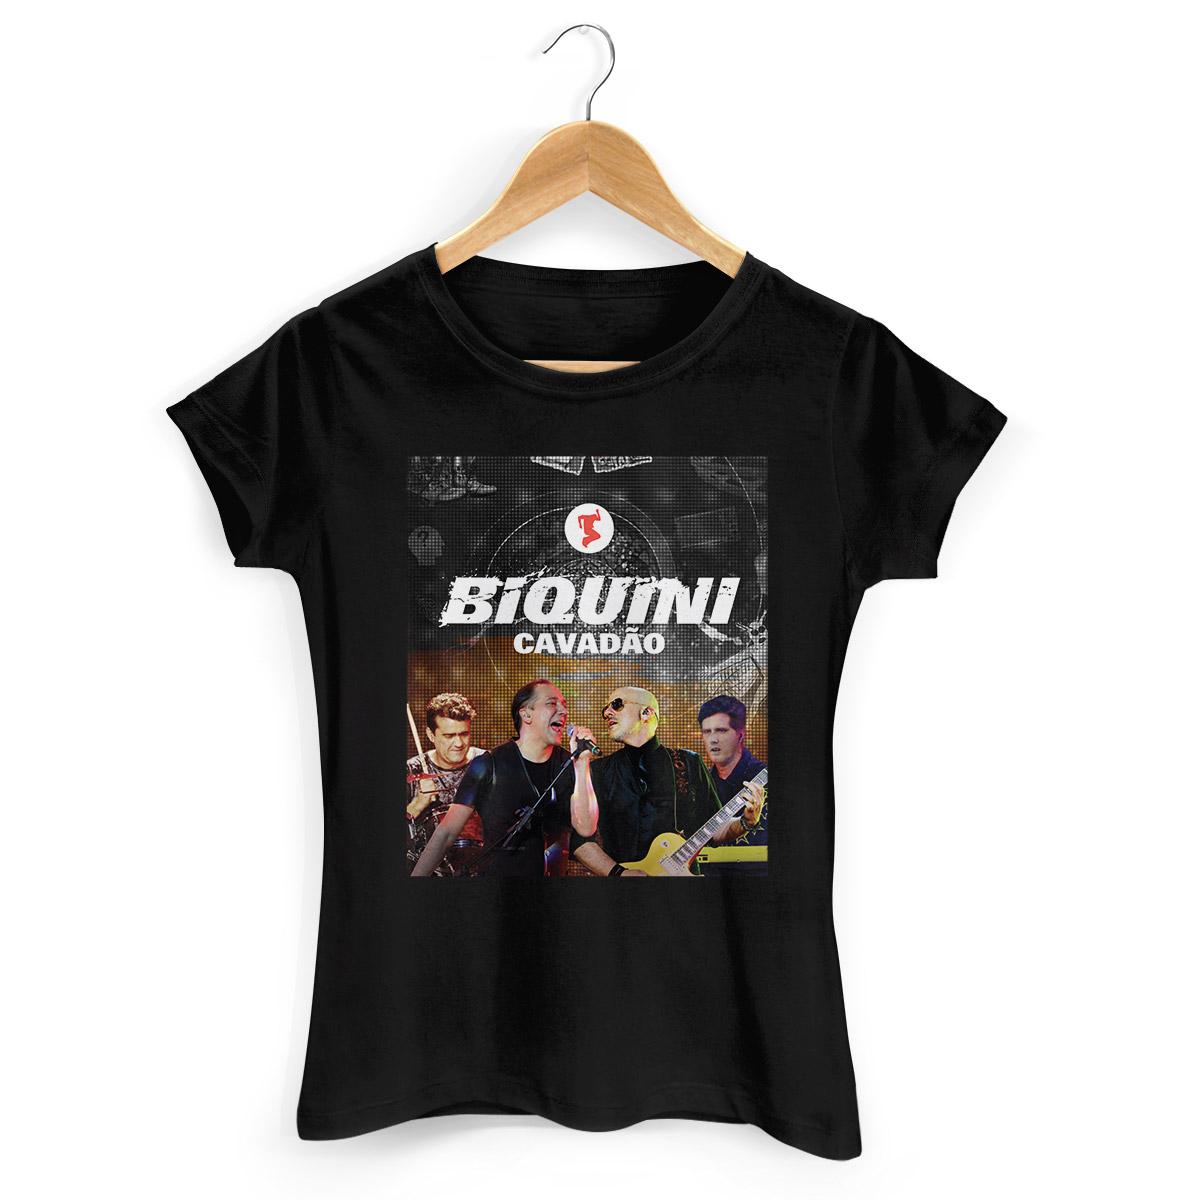 Camiseta Feminina Biquini Cavadão Capa